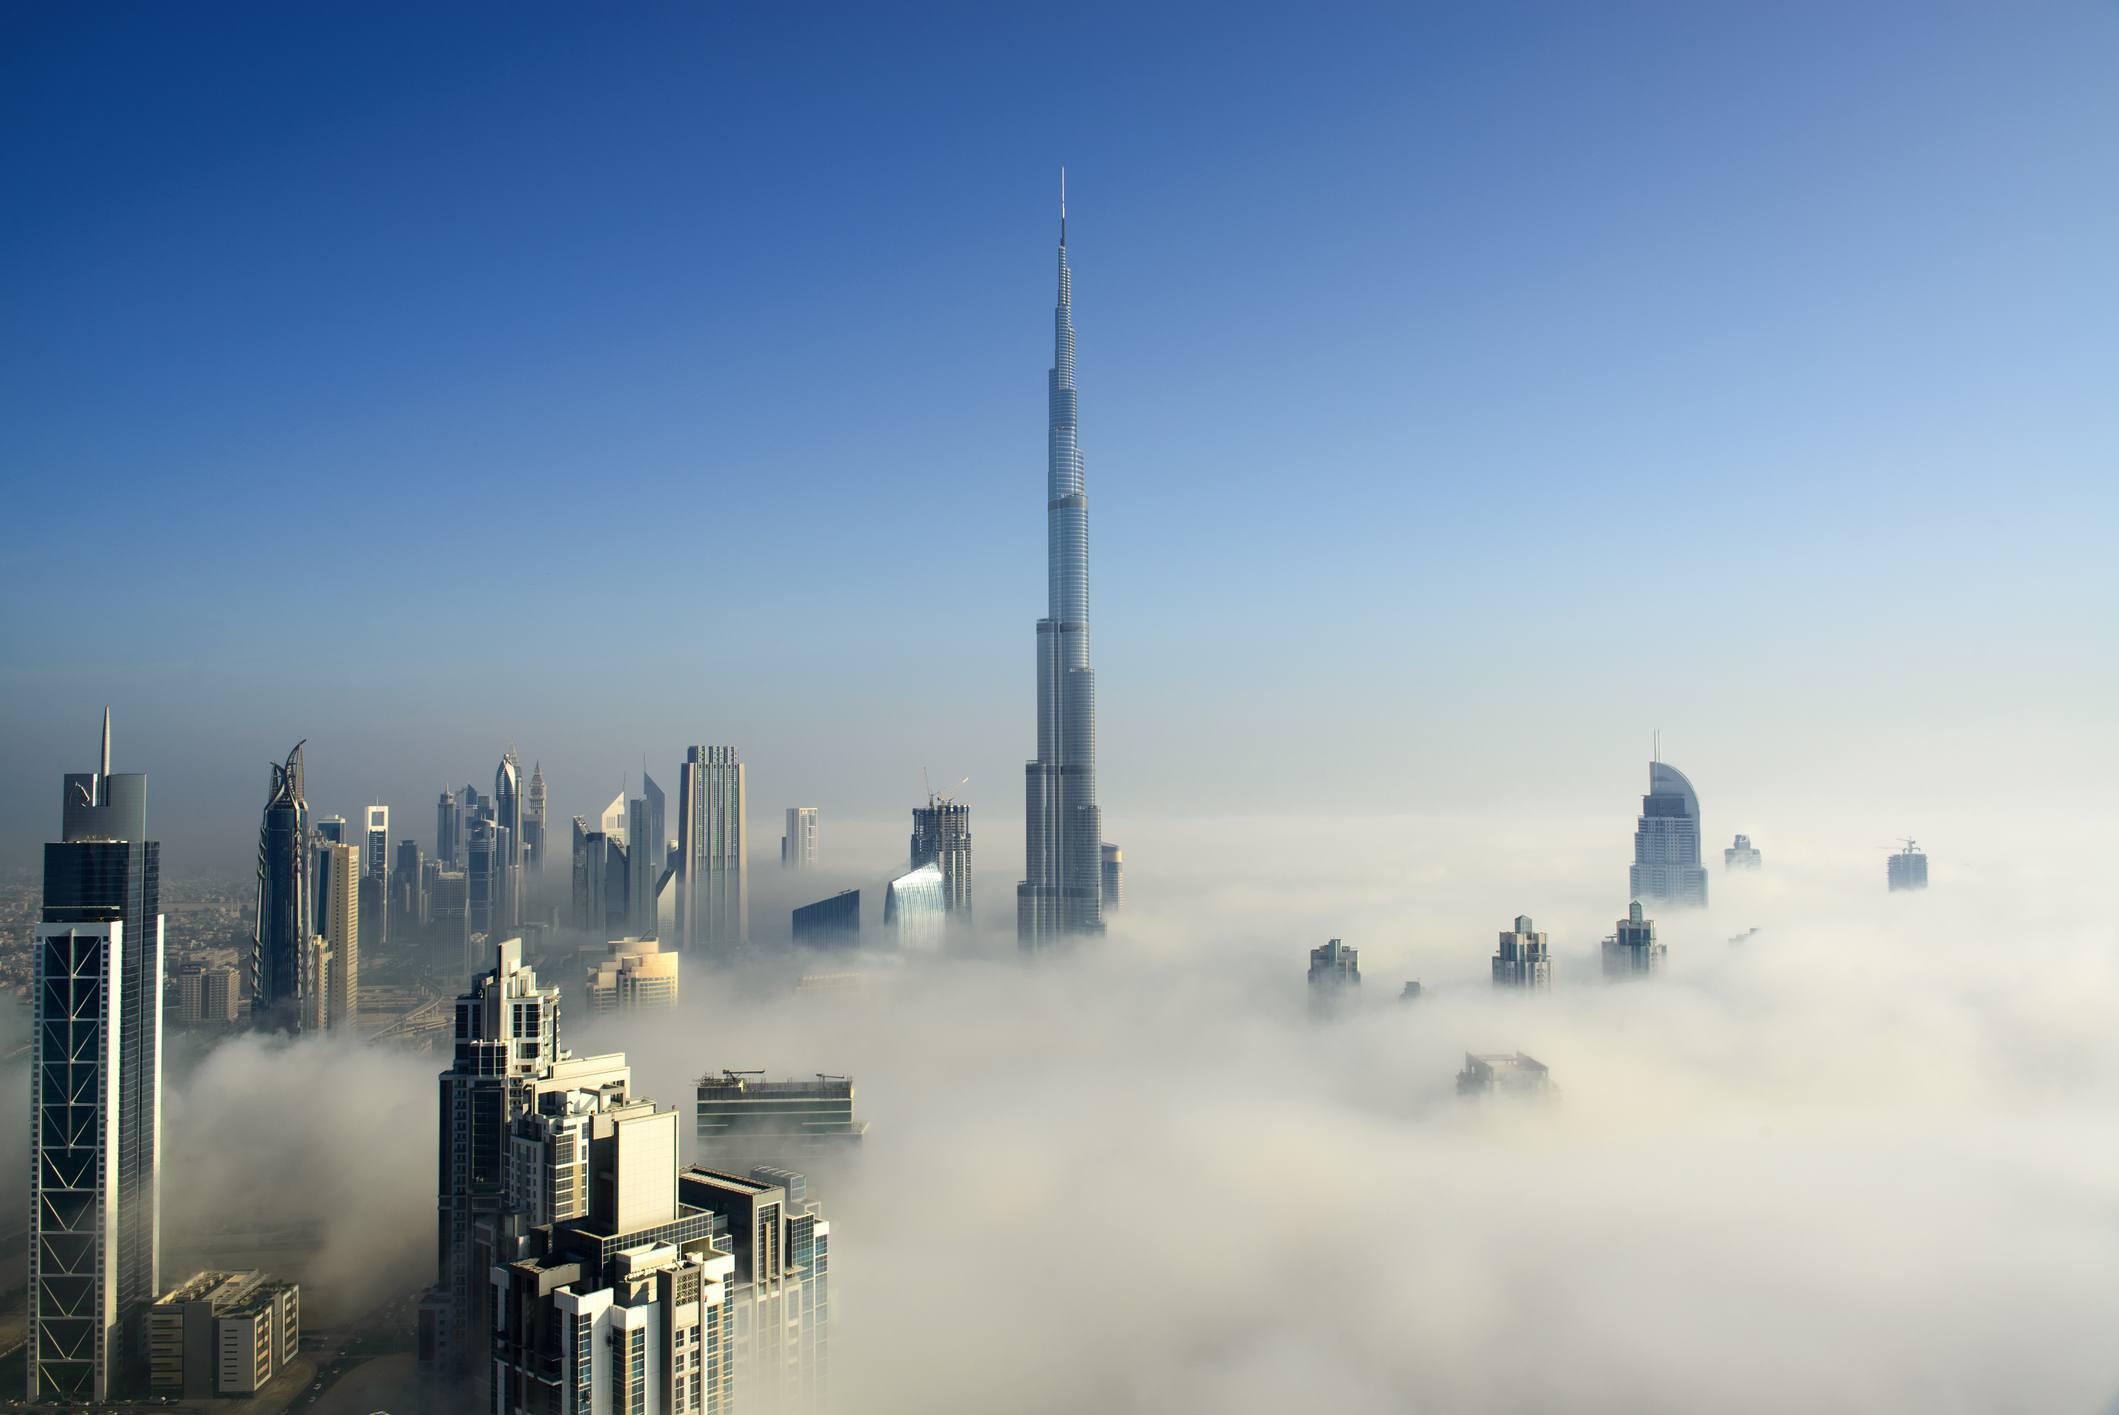 fog across Dubai skyline